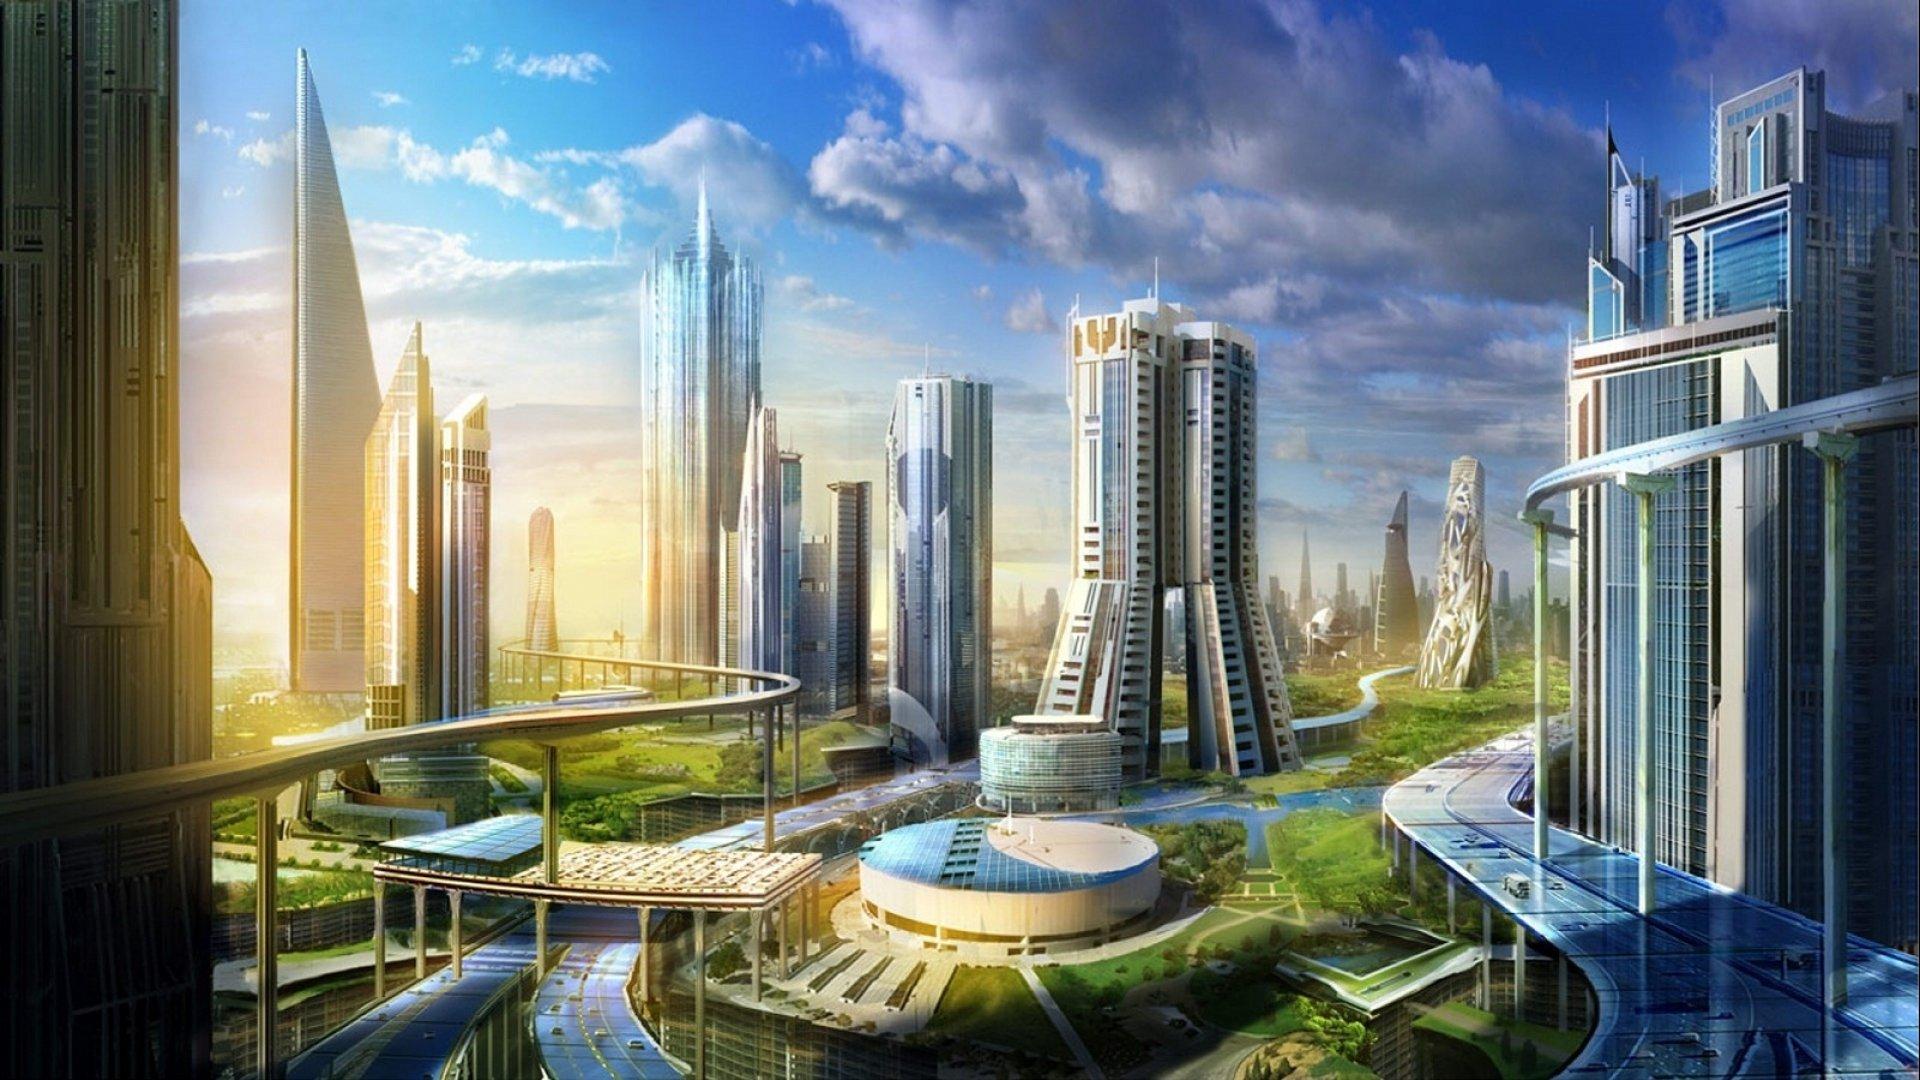 картинки город в прошлом настоящем будущем времени прелестная, озорная, добродушная